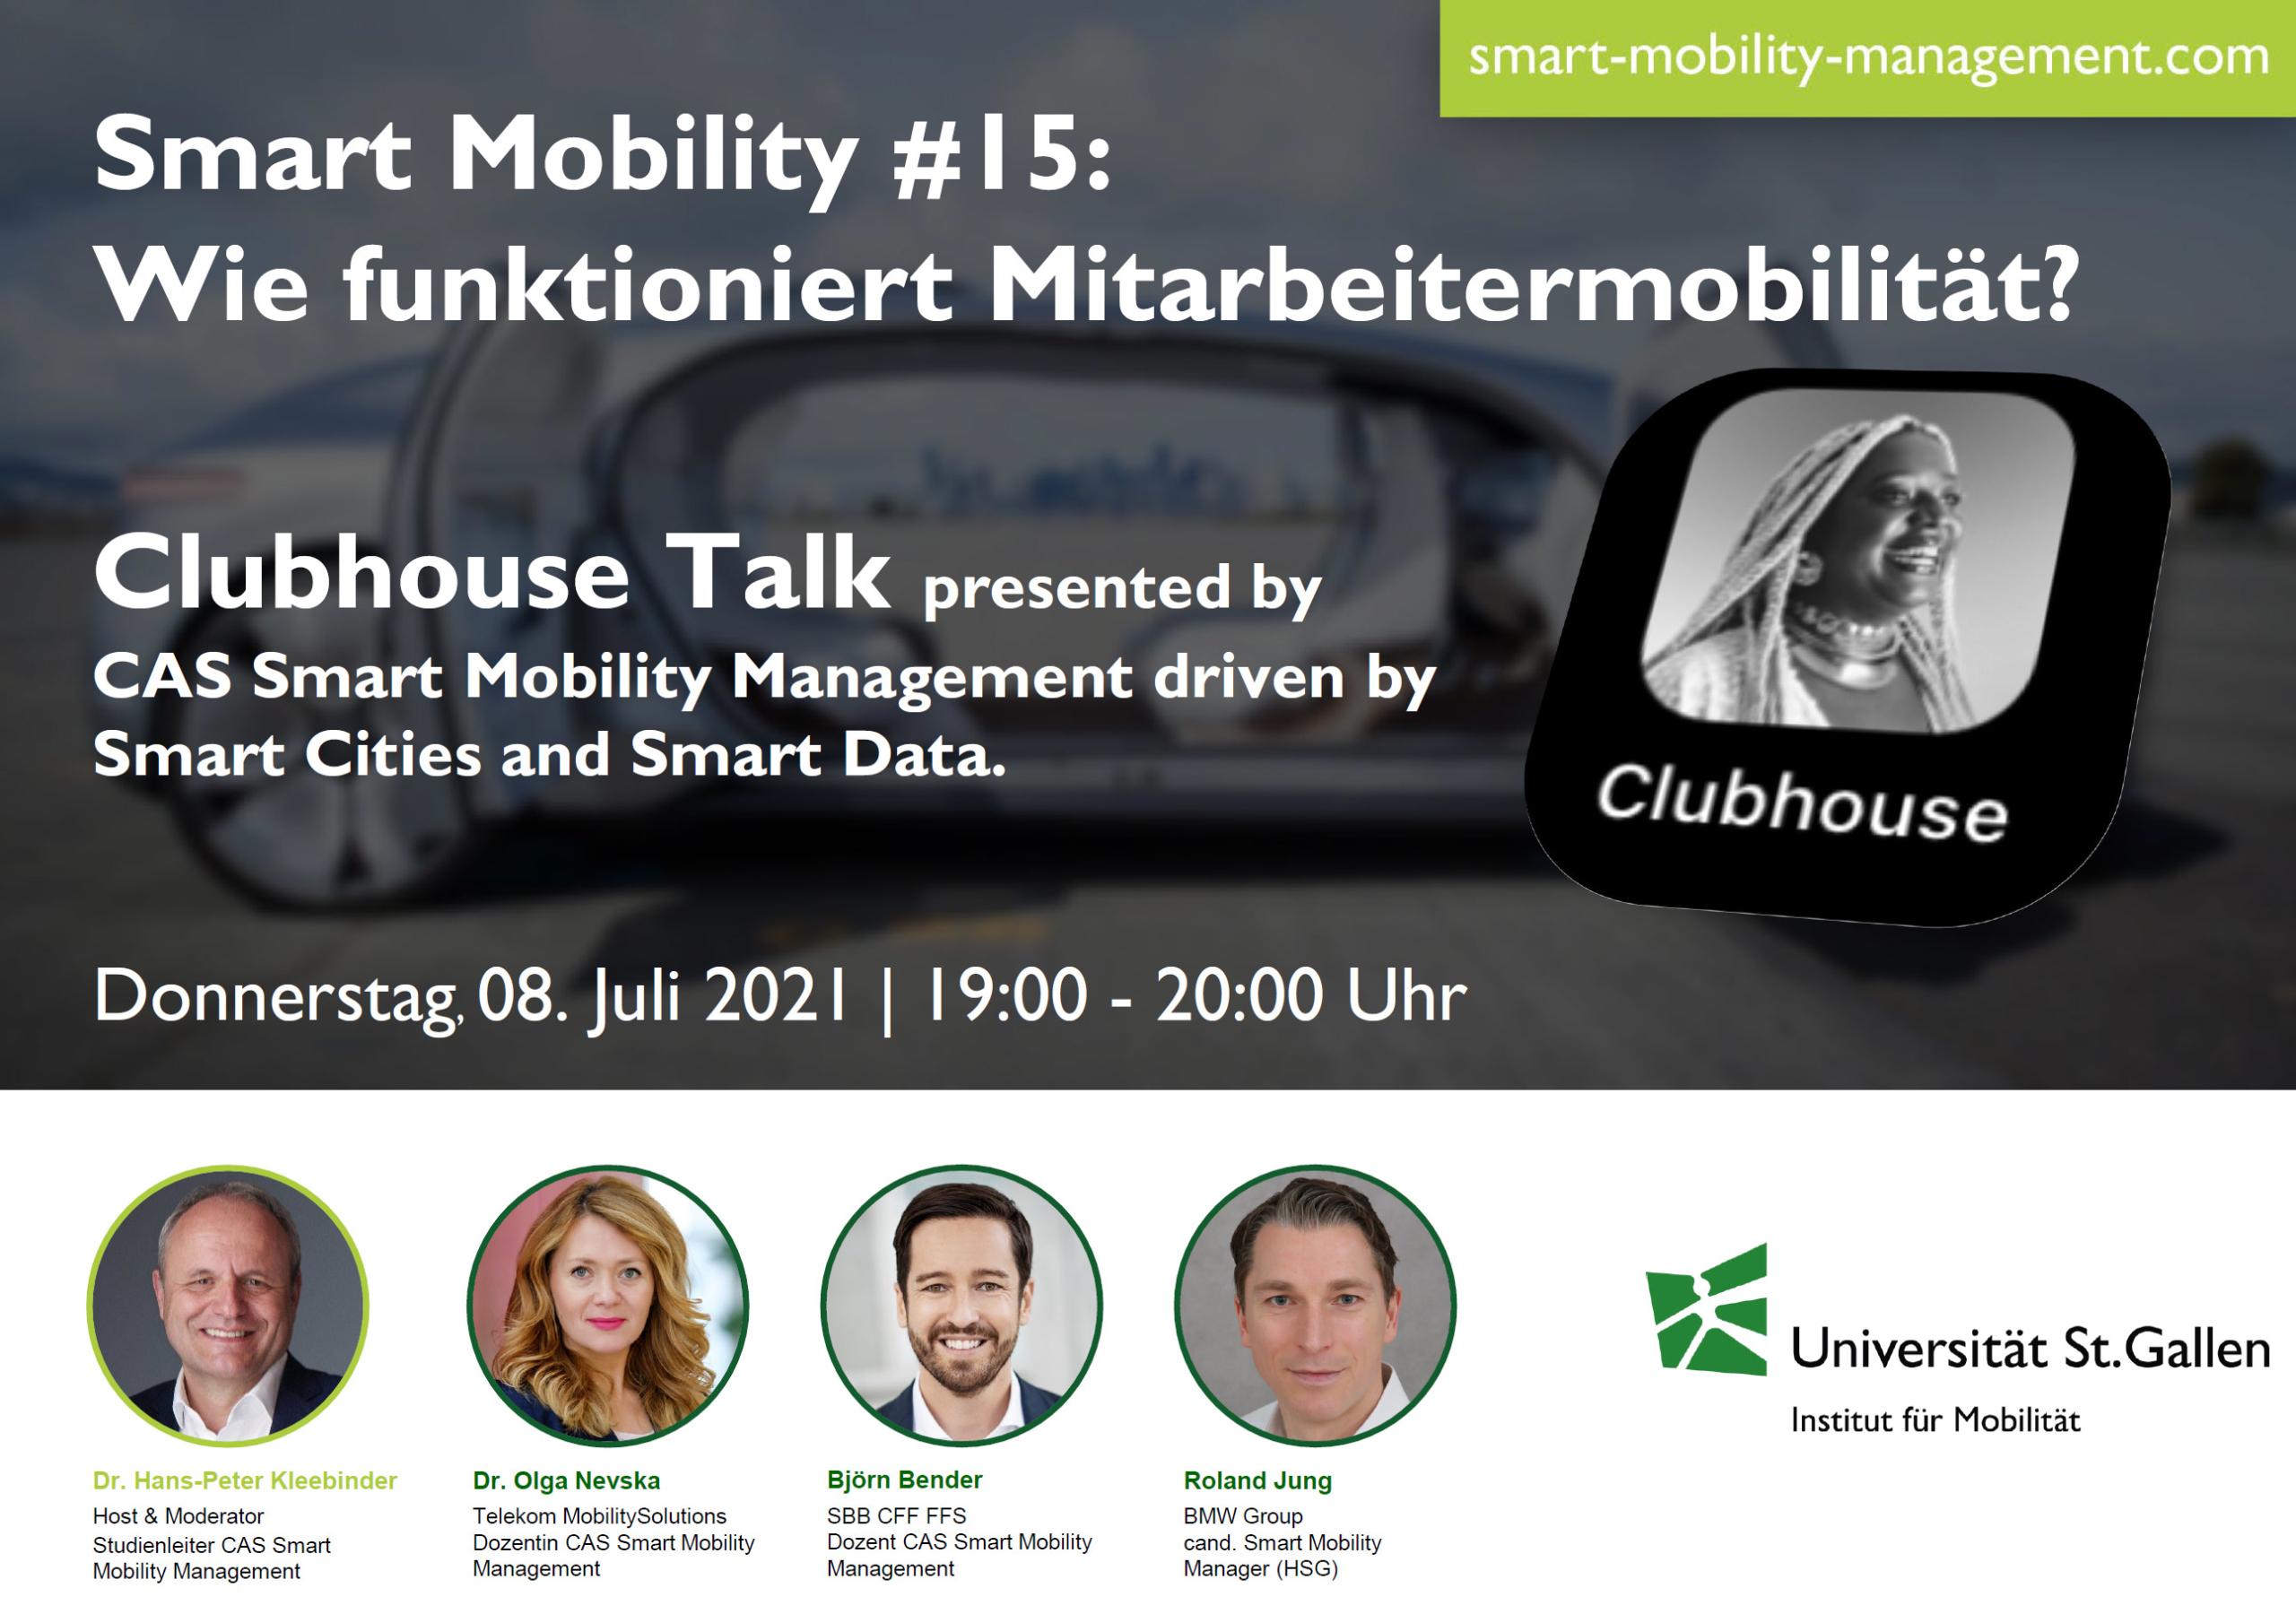 Smart Mobility #15: Wie funktioniert Mitarbeitermobilität?